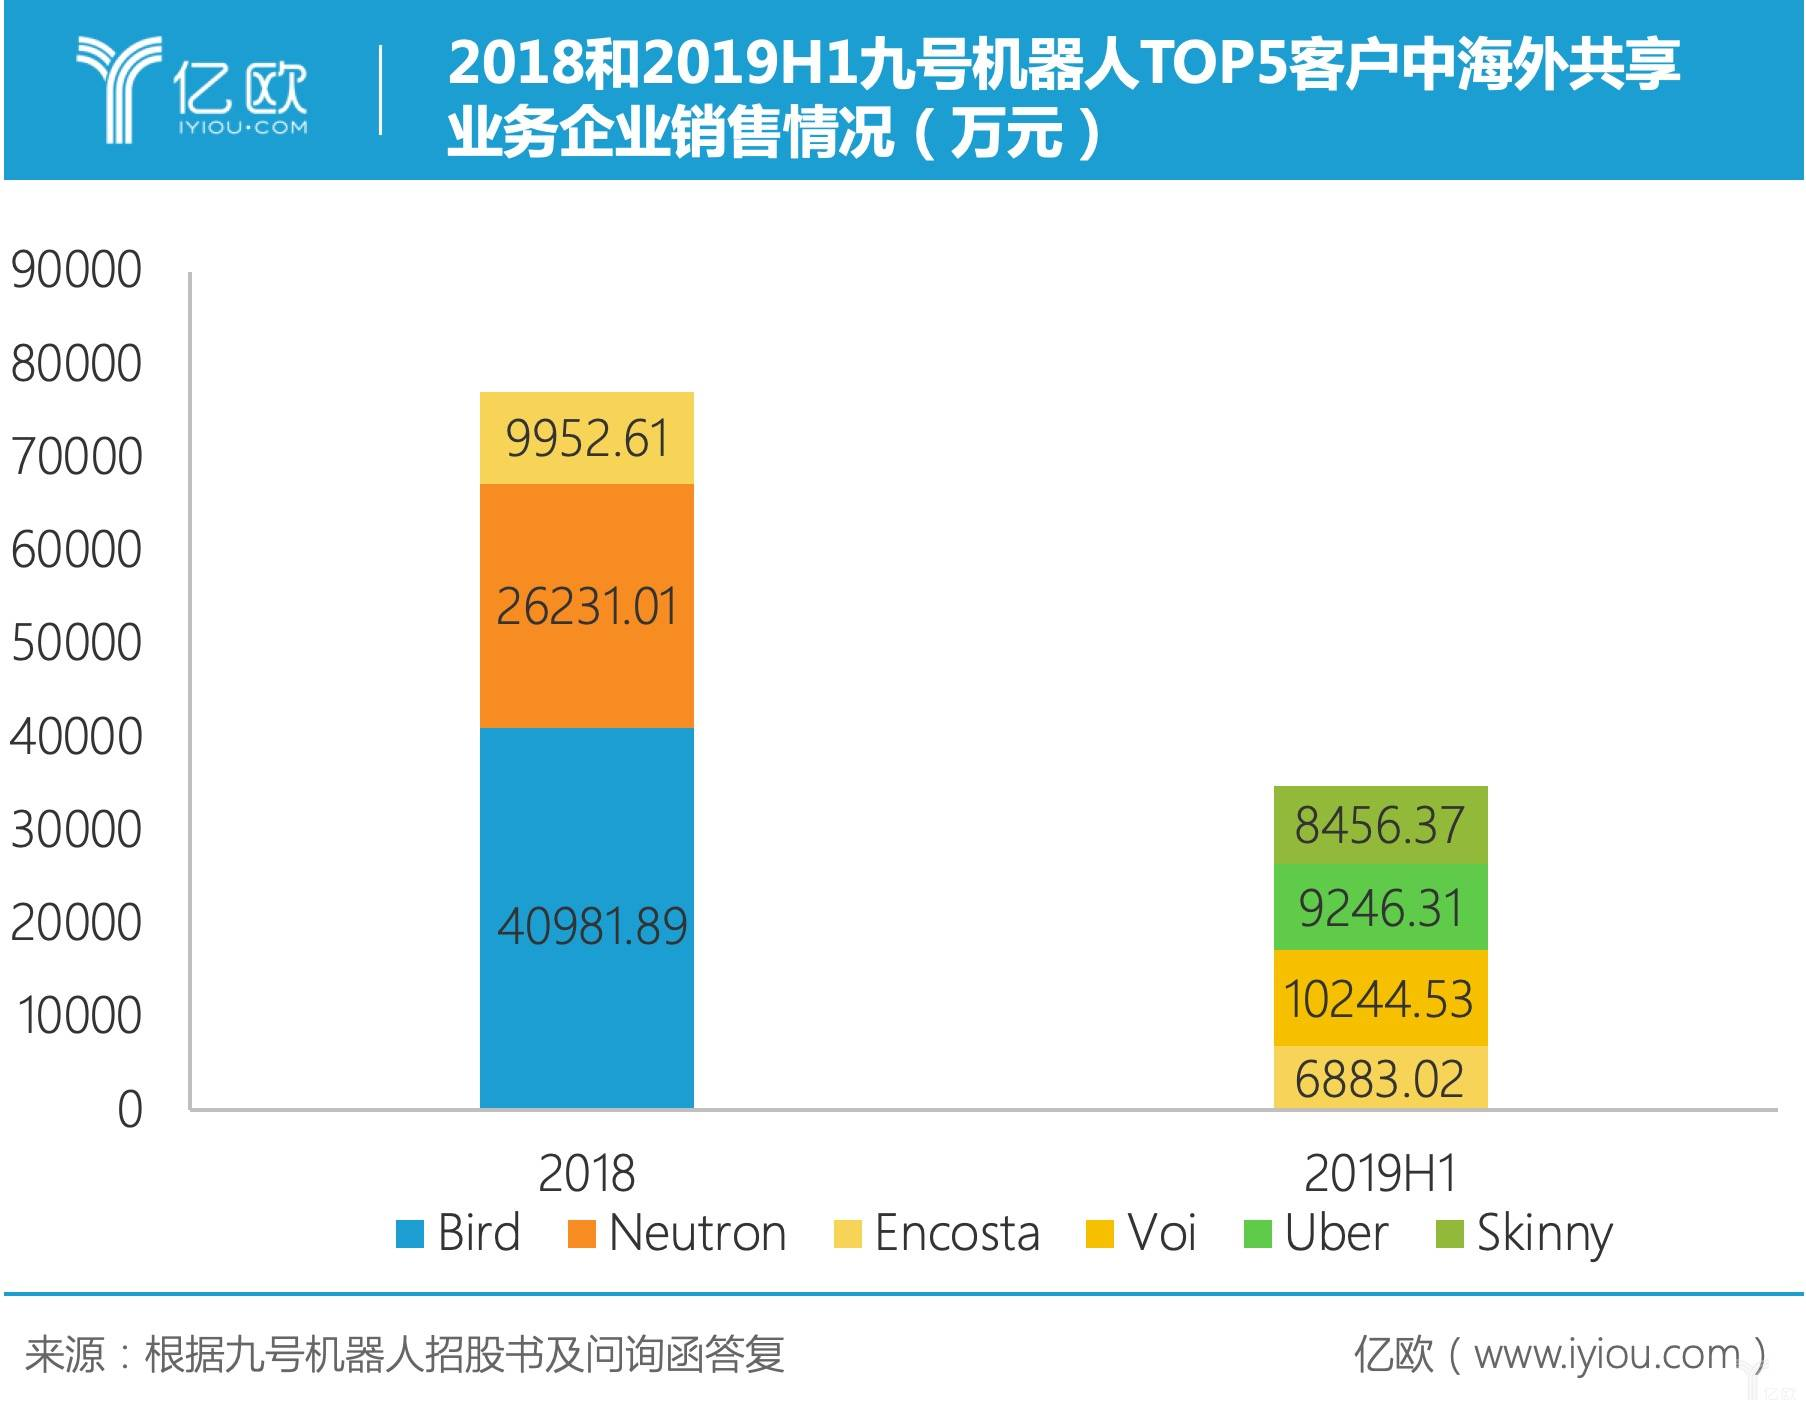 2018和2019H1九号机器人TOP5客户中海外共享业务企业销售情况(万元)